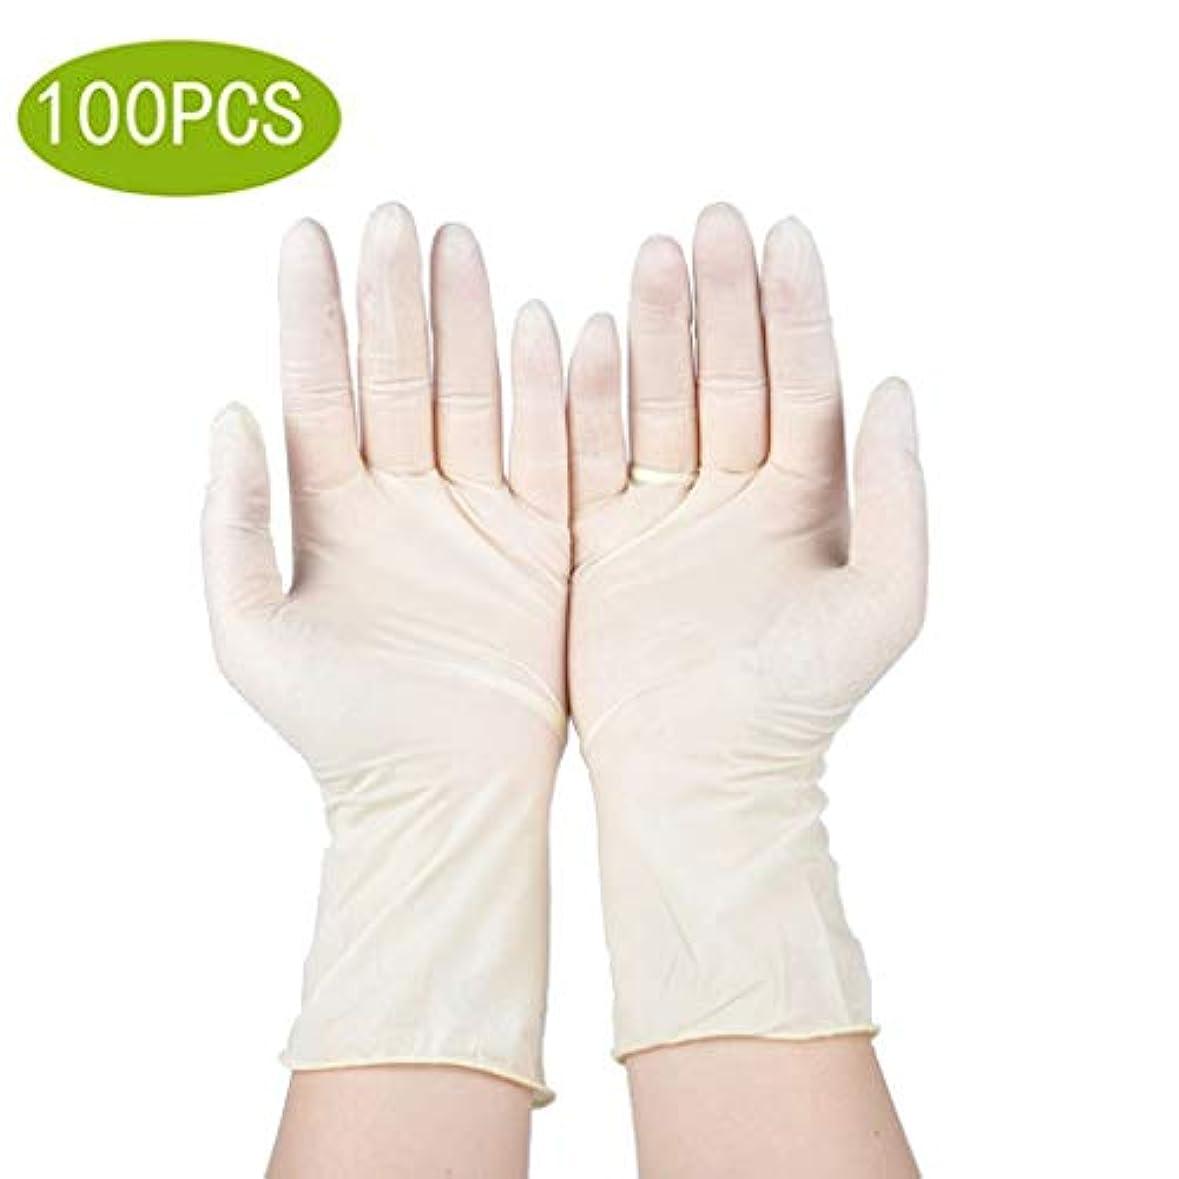 配る歌手前部医療検査ラテックス手袋|3ミル厚、ミディアムボックス100パウダーフリー、無菌、頑丈な試験用手袋|病院のための専門の等級、法執行機関、食糧売り手 (Color : Beige, Size : L)